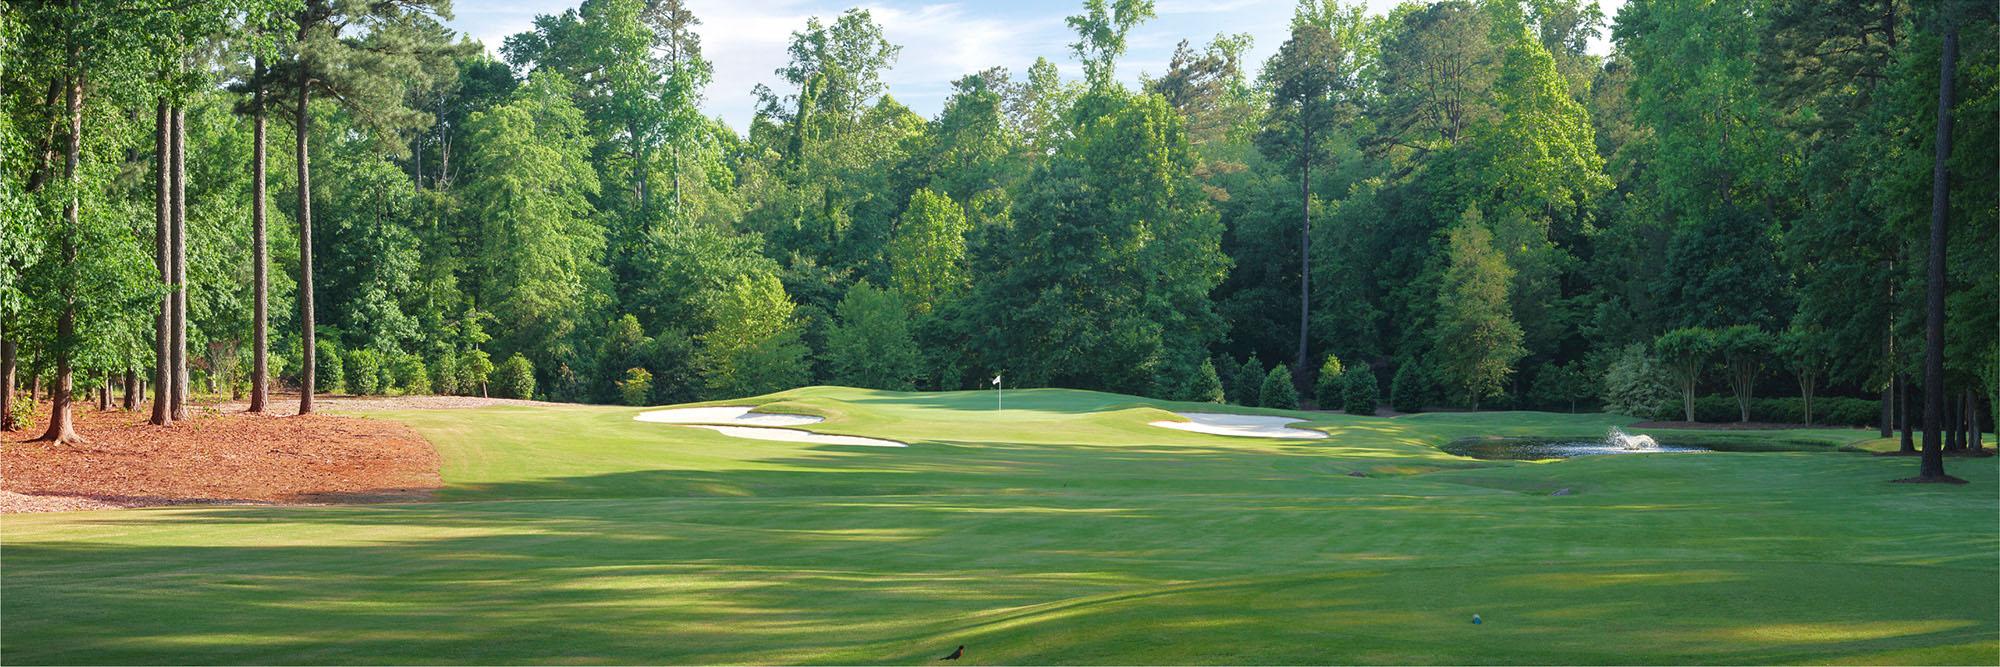 Golf Course Image - MacGregor Downs No. 12